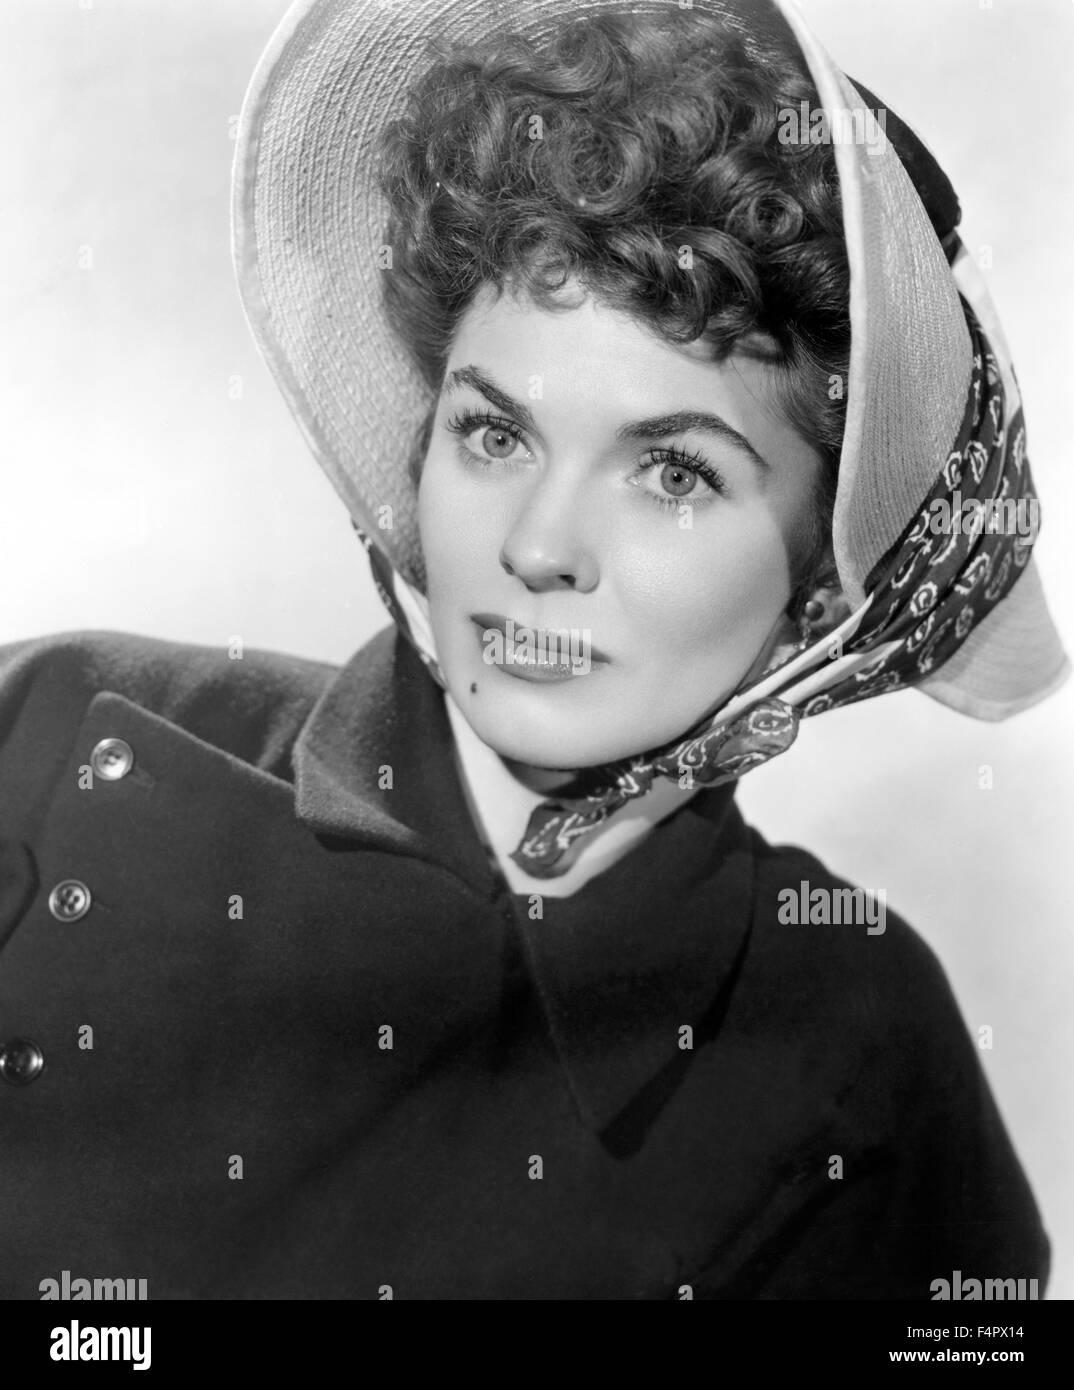 Joanne Dru / Wagon Master / 1950 unter der Regie von John Ford [Argosy Bilder / RKO Radio Pict] Stockbild